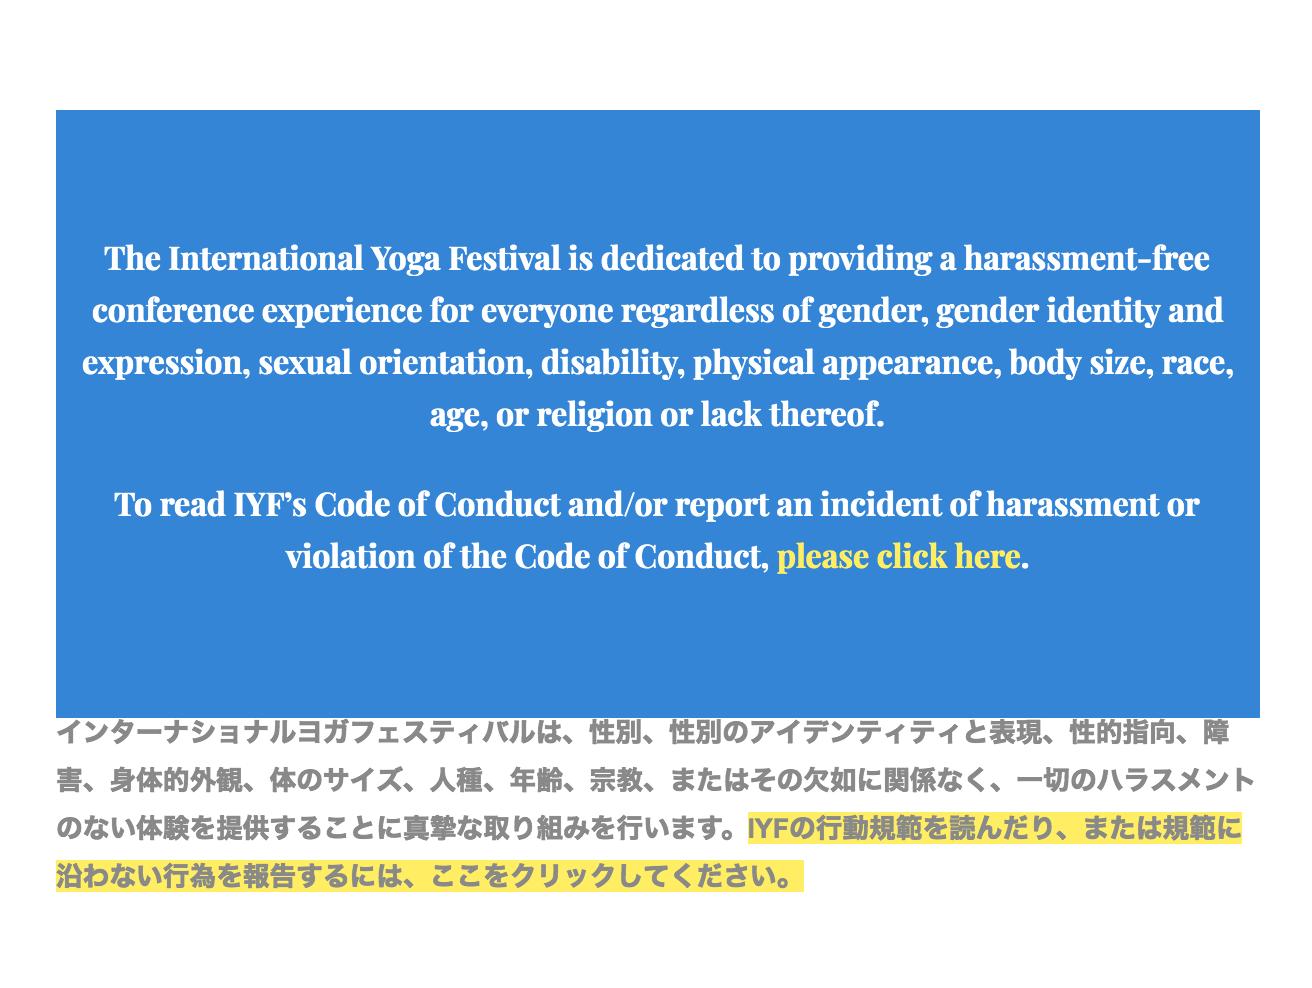 インターナショナルヨガフェスティバルで宣言された、あらゆるハラスメントのない最高水準のコミュニティーの実現を目指す行動規範。